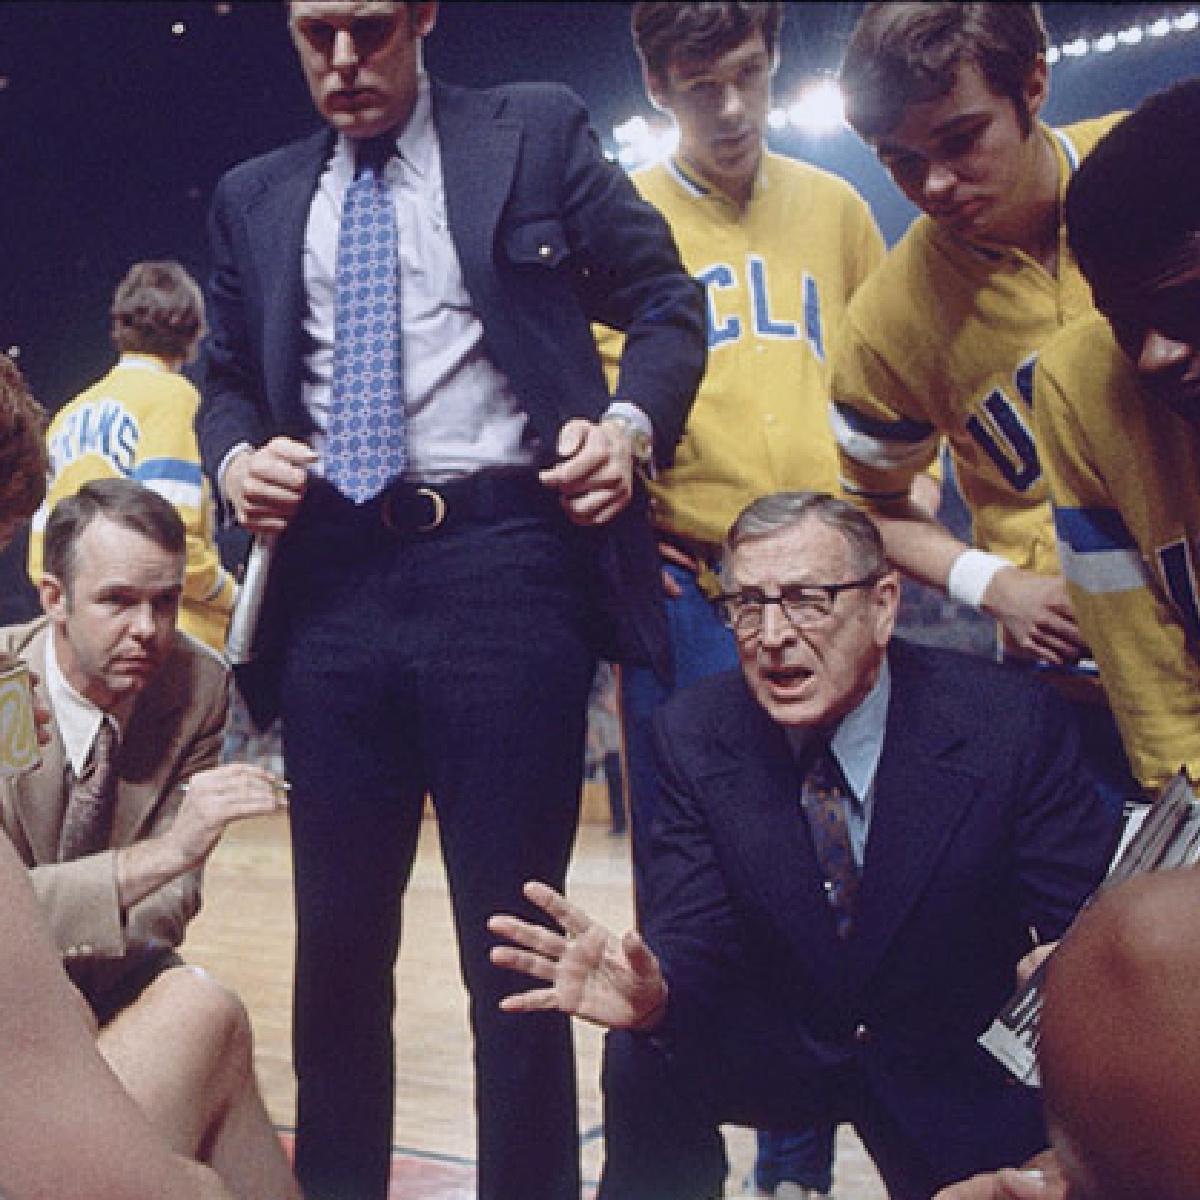 Coach leads team huddle